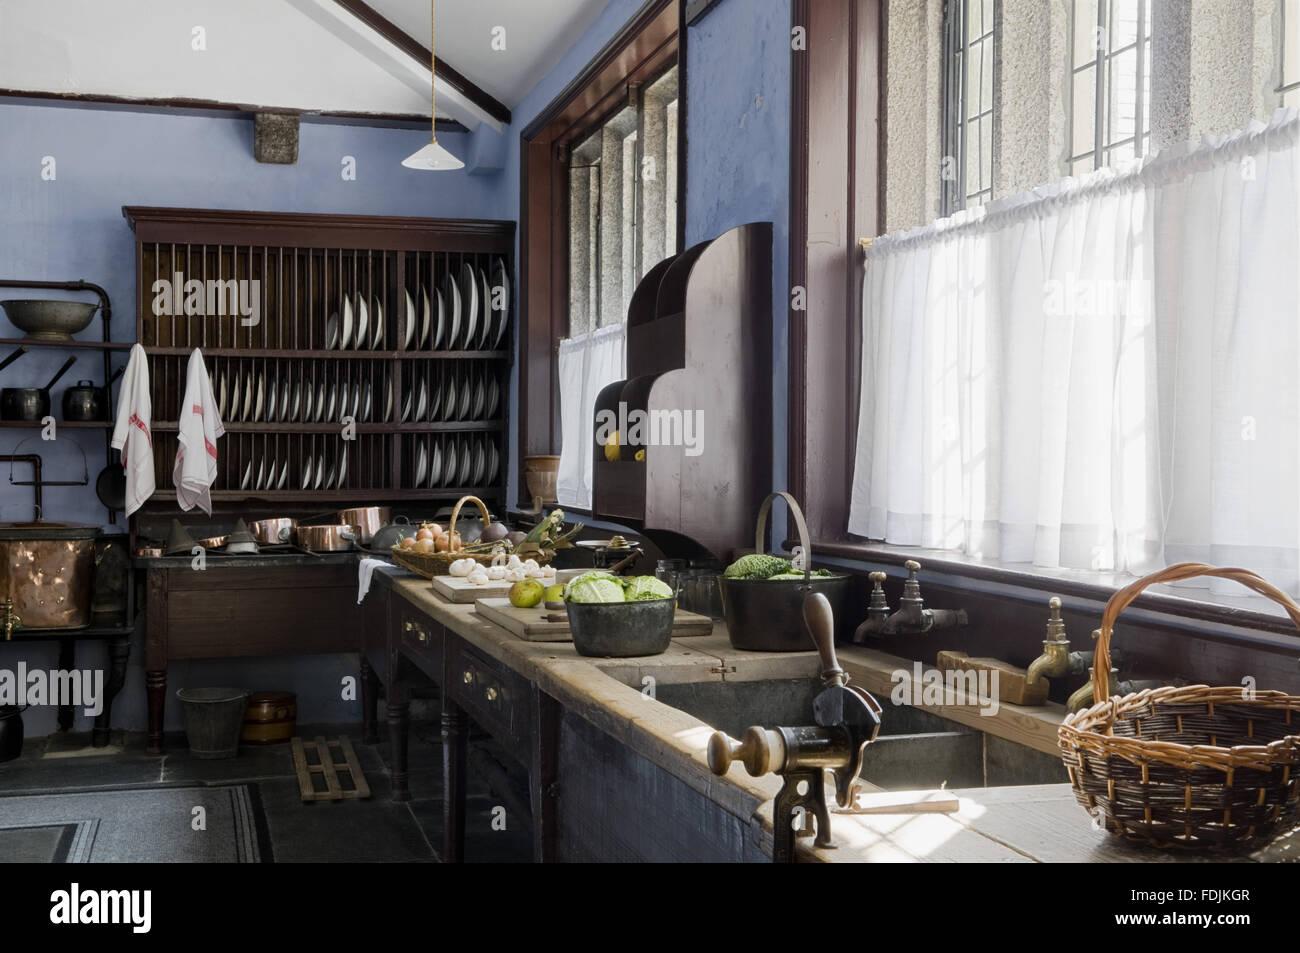 Ausgezeichnet Erweiterte Küche Und Bad Sierra Vista Az Bilder ...